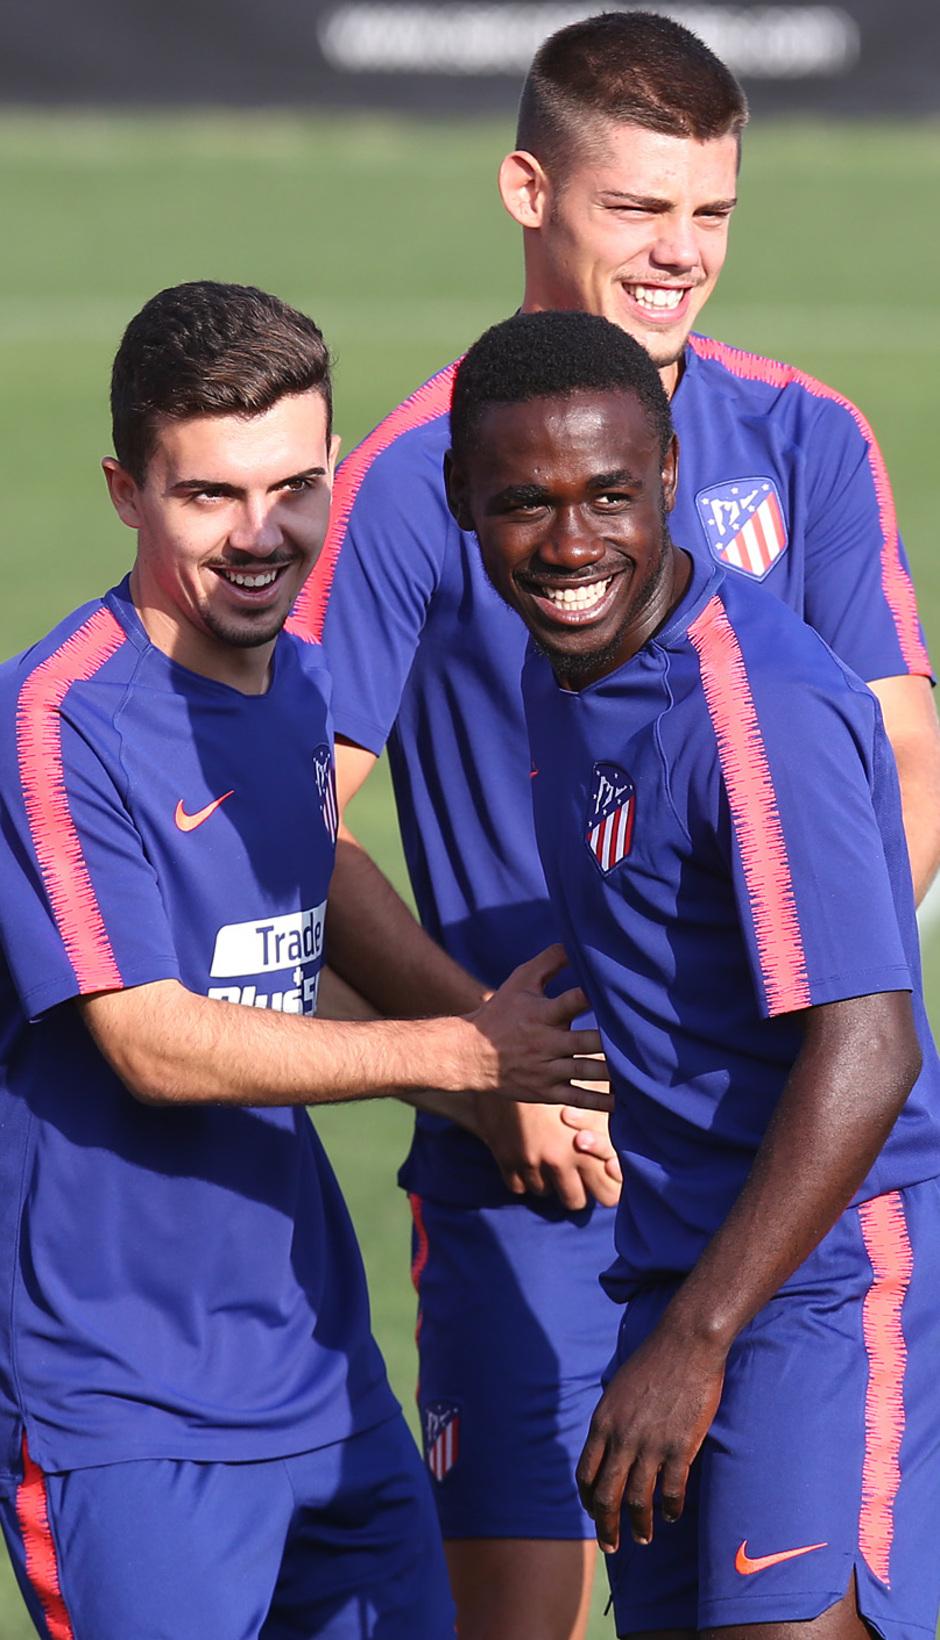 temporada 18/19. Entrenamiento en la ciudad deportiva Wanda. Obama Joaquín y Montero durante el entrenamiento